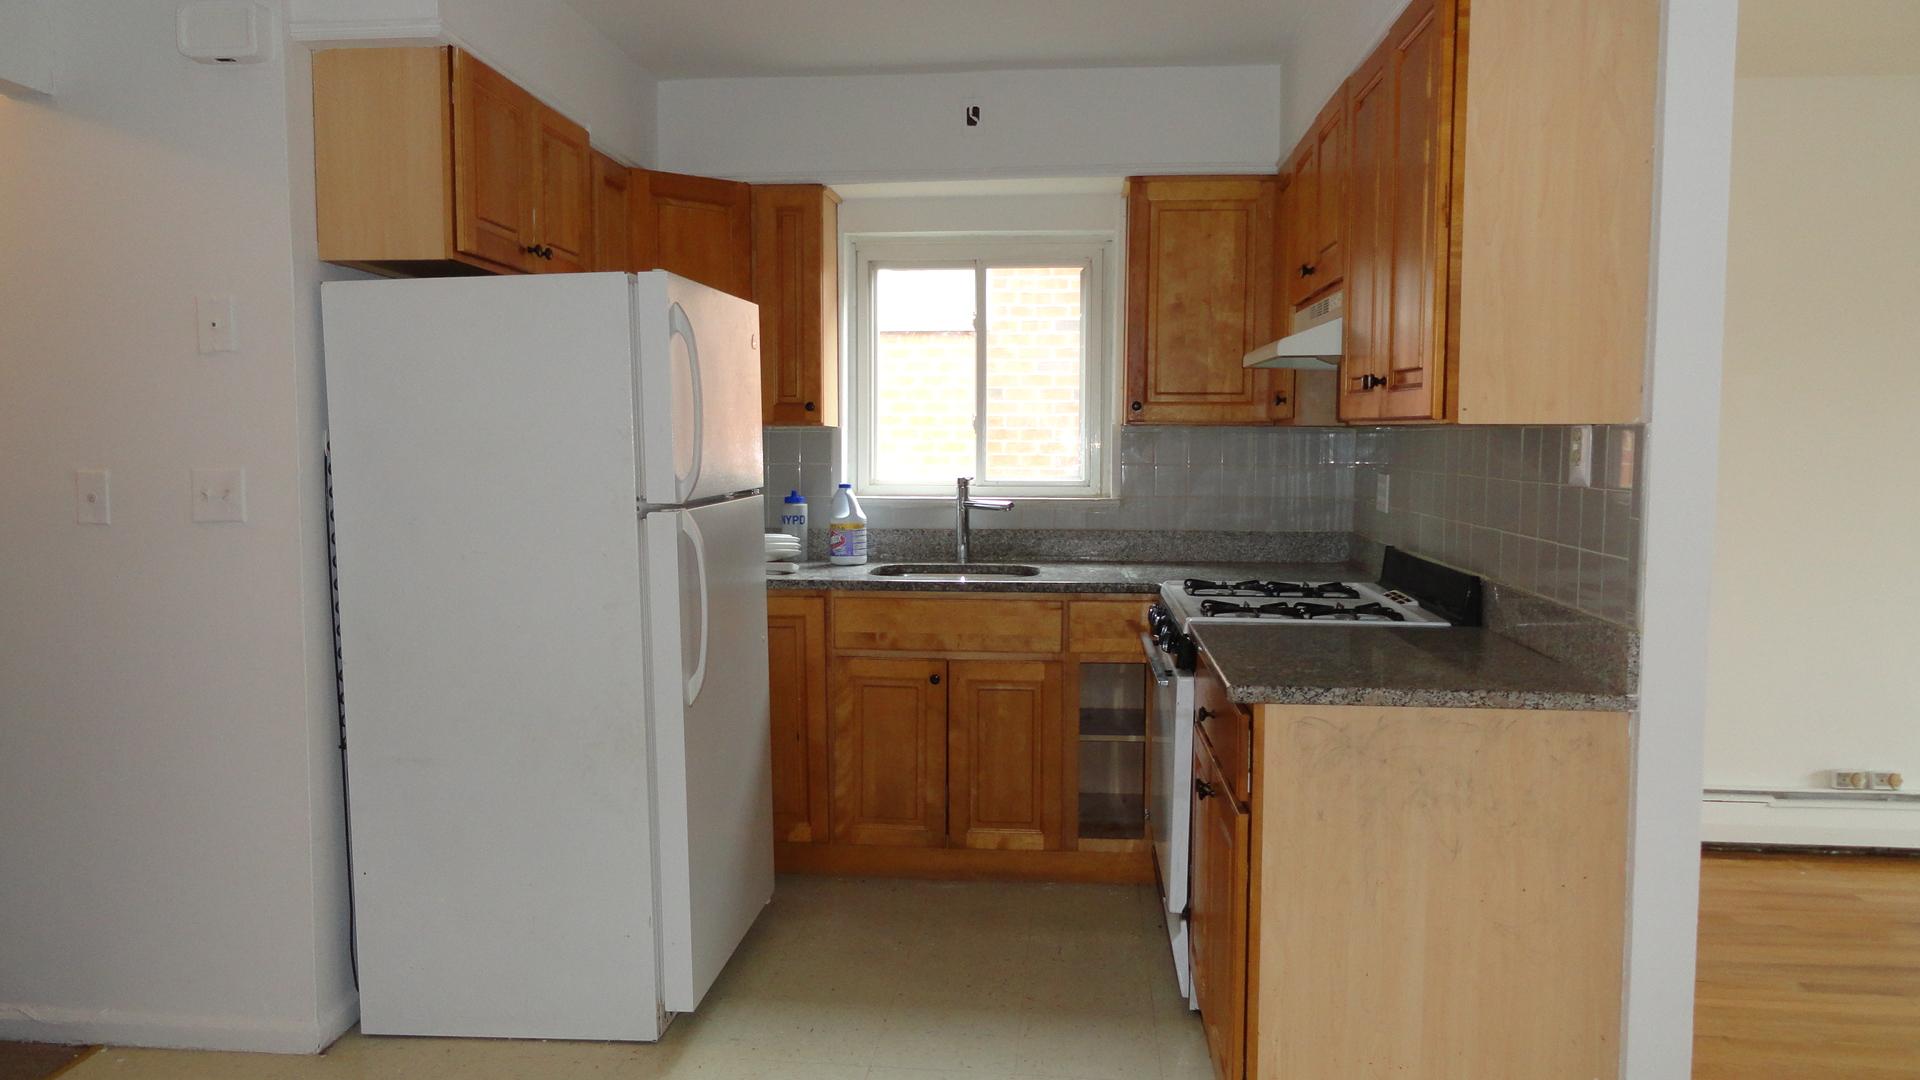 3 Bedroom Houses For Rent In Pelham Bay Bronx Ny Middletown